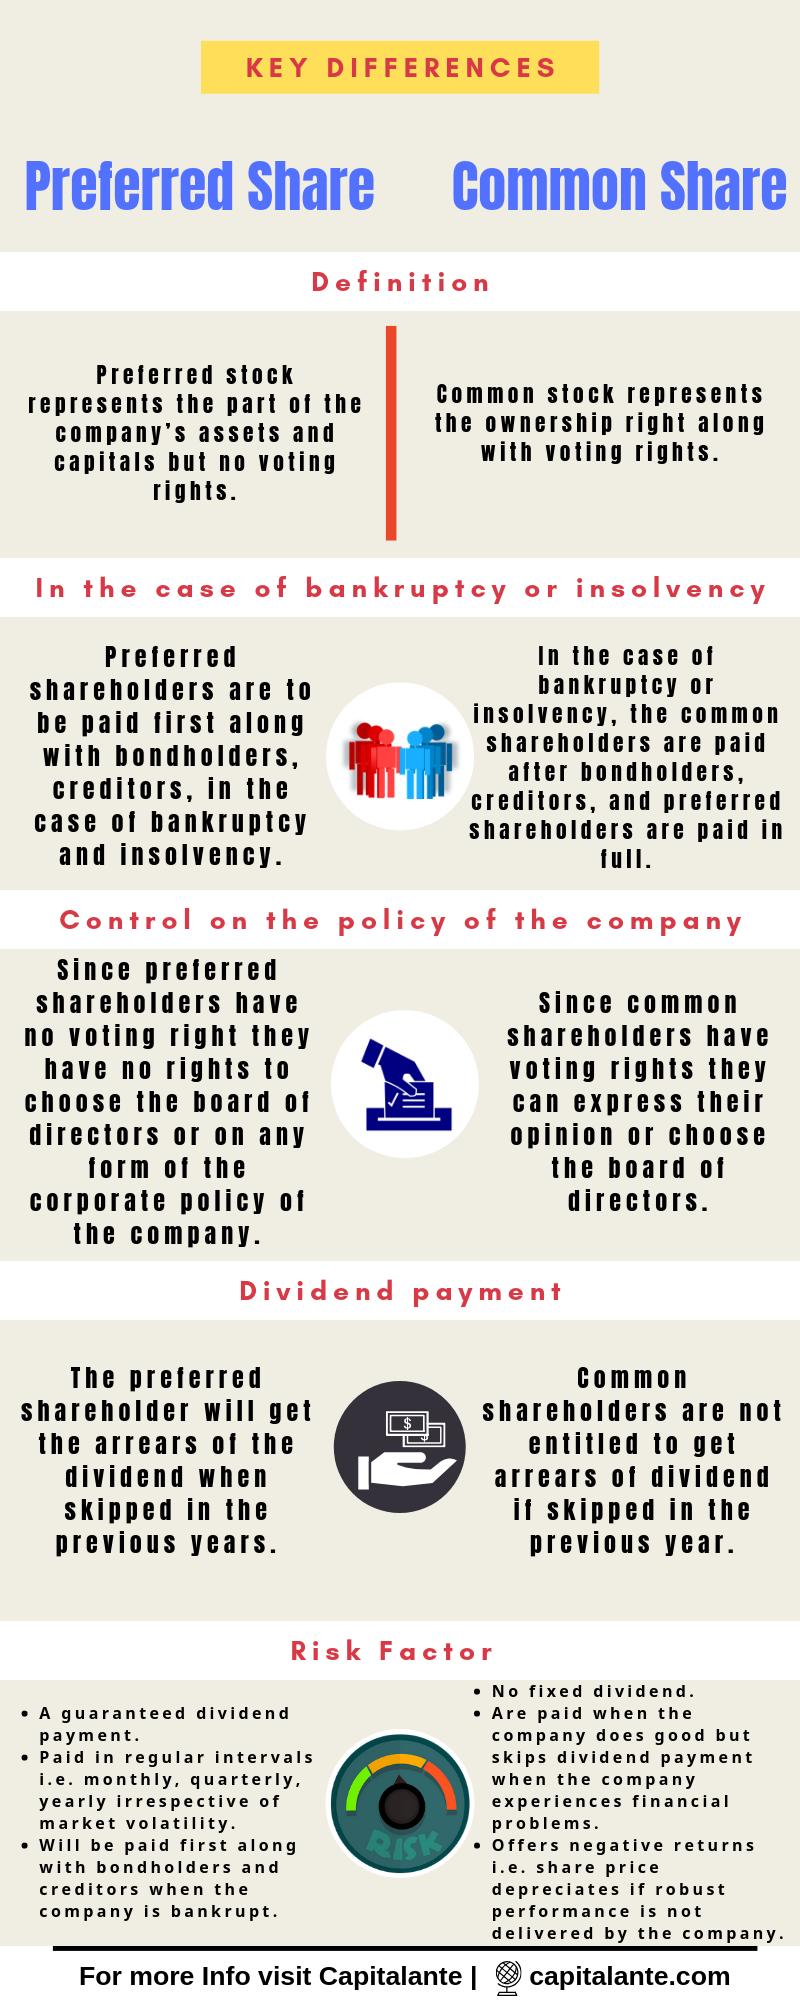 Preferred Share vs. Common Share